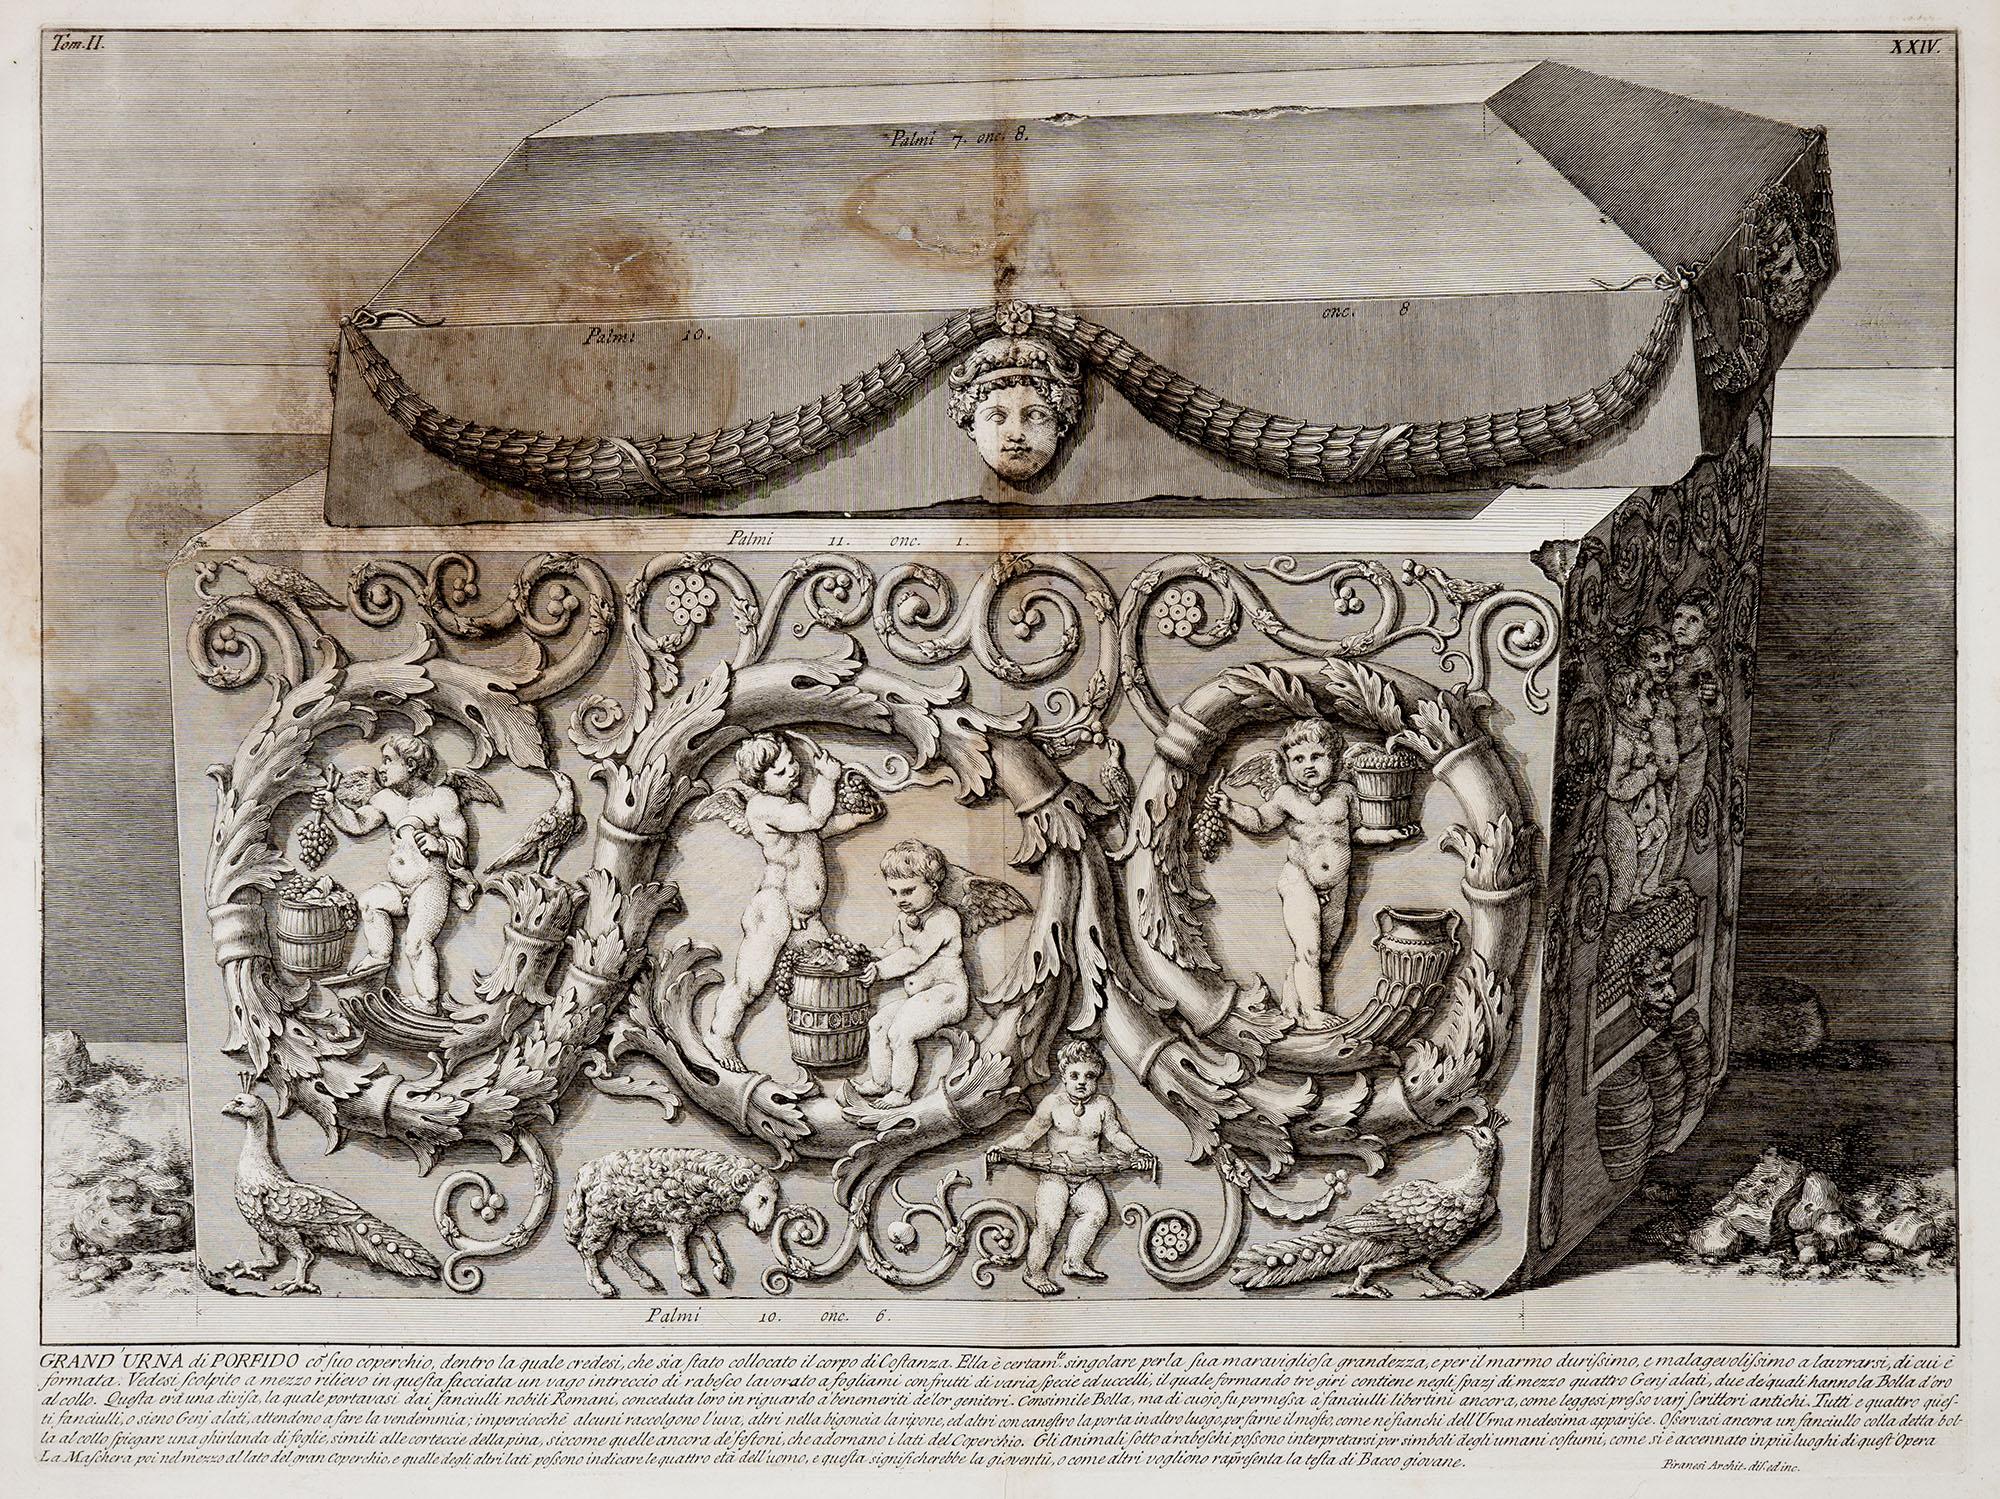 31.Grand'Urna di porfido co'suo coperchio, dentro la quale credesi, che sia stato collocato il corpo di Costanza…